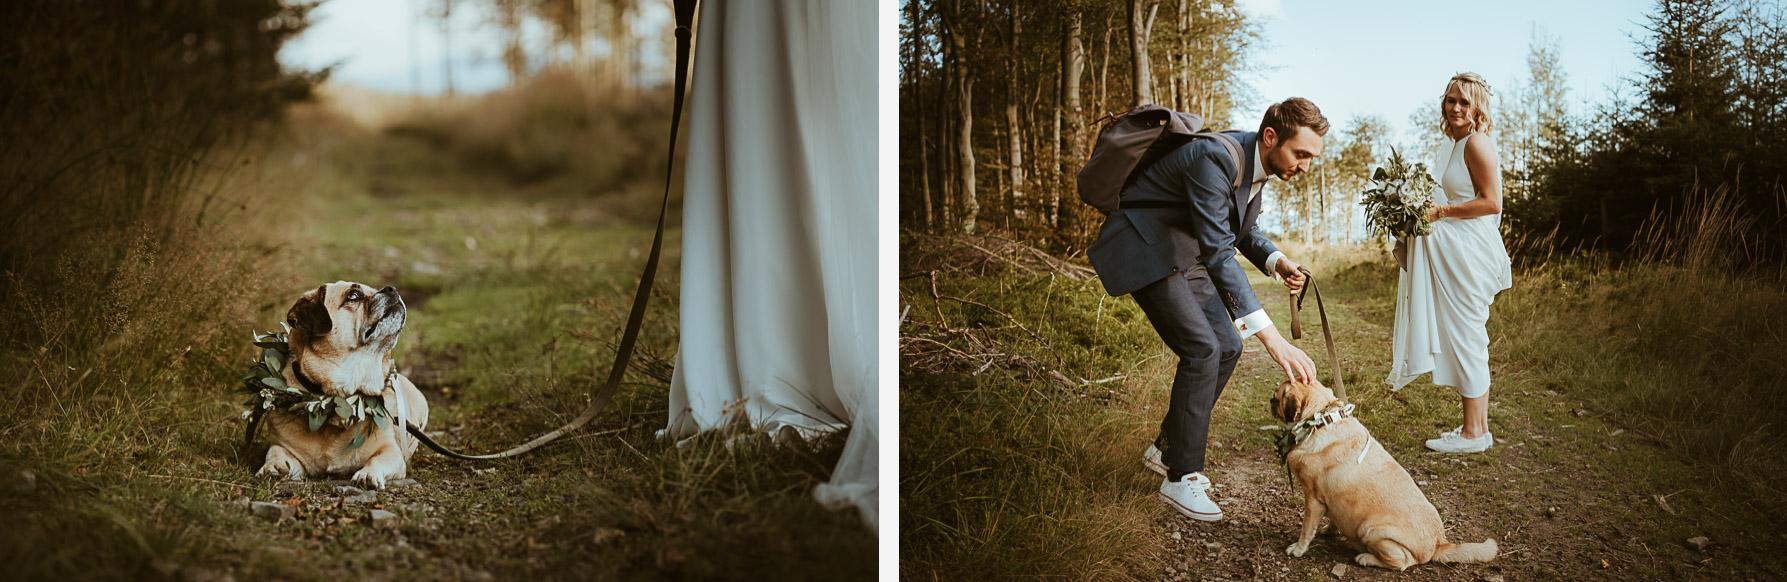 plener slubny na jesieni w gorach ustron rownica beskidy 007